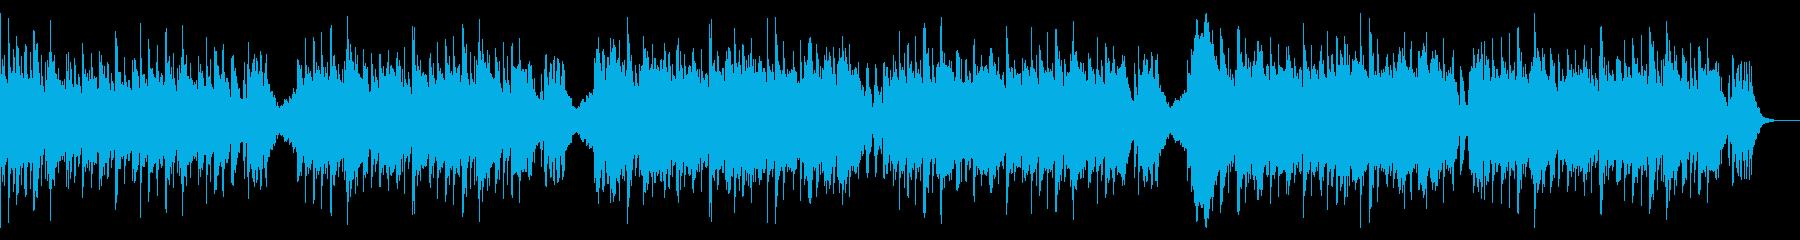 ちょっとかわいい、ホラーなハロウィンの再生済みの波形